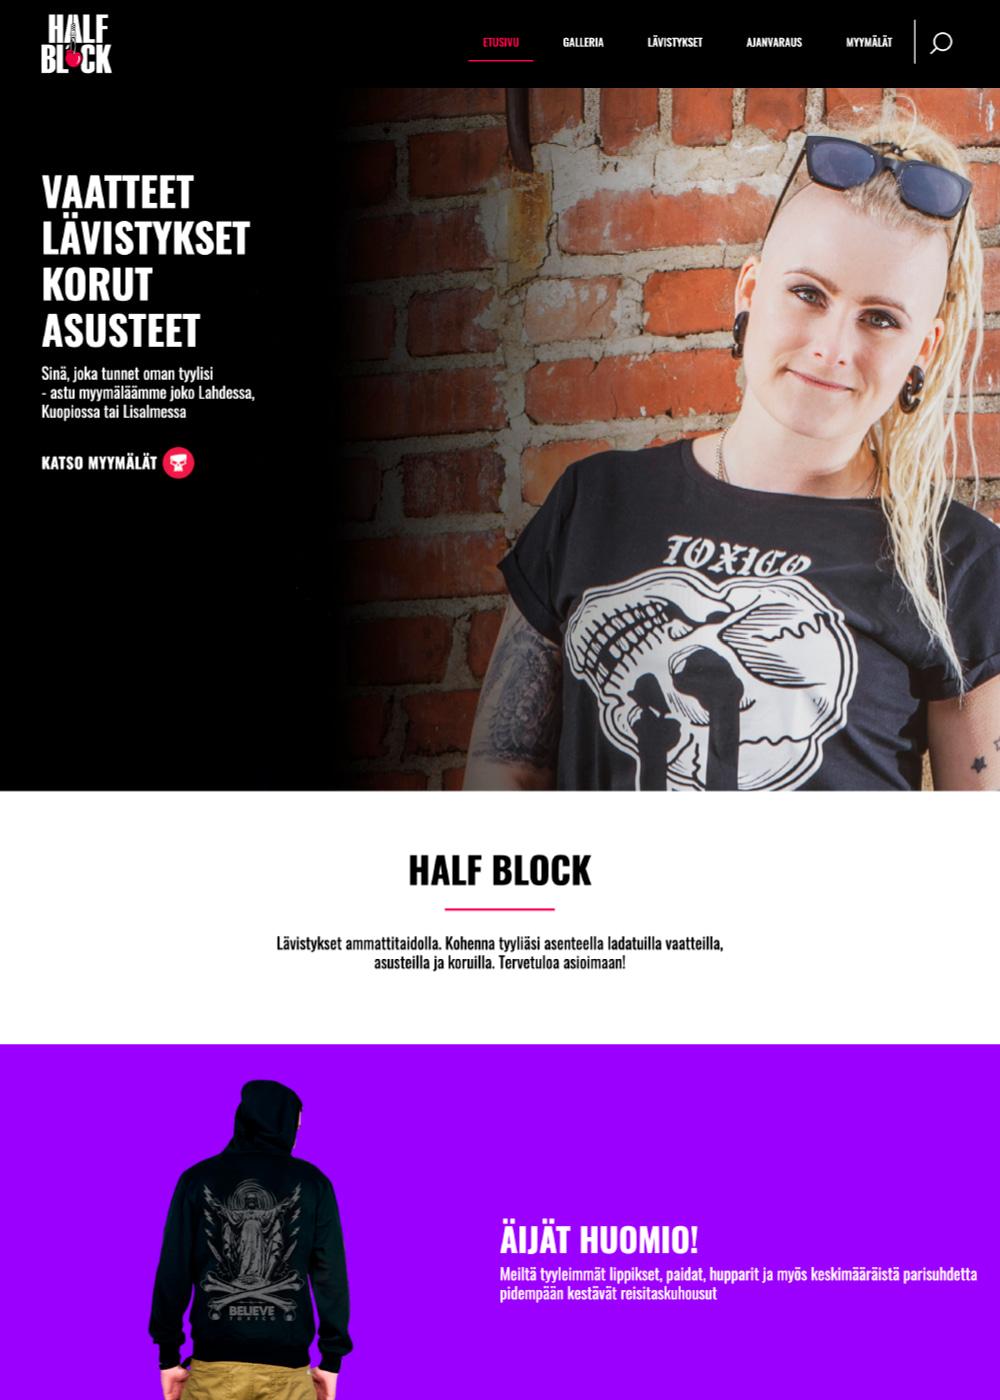 Halfblockin verkkosivuston kuvankaappaus